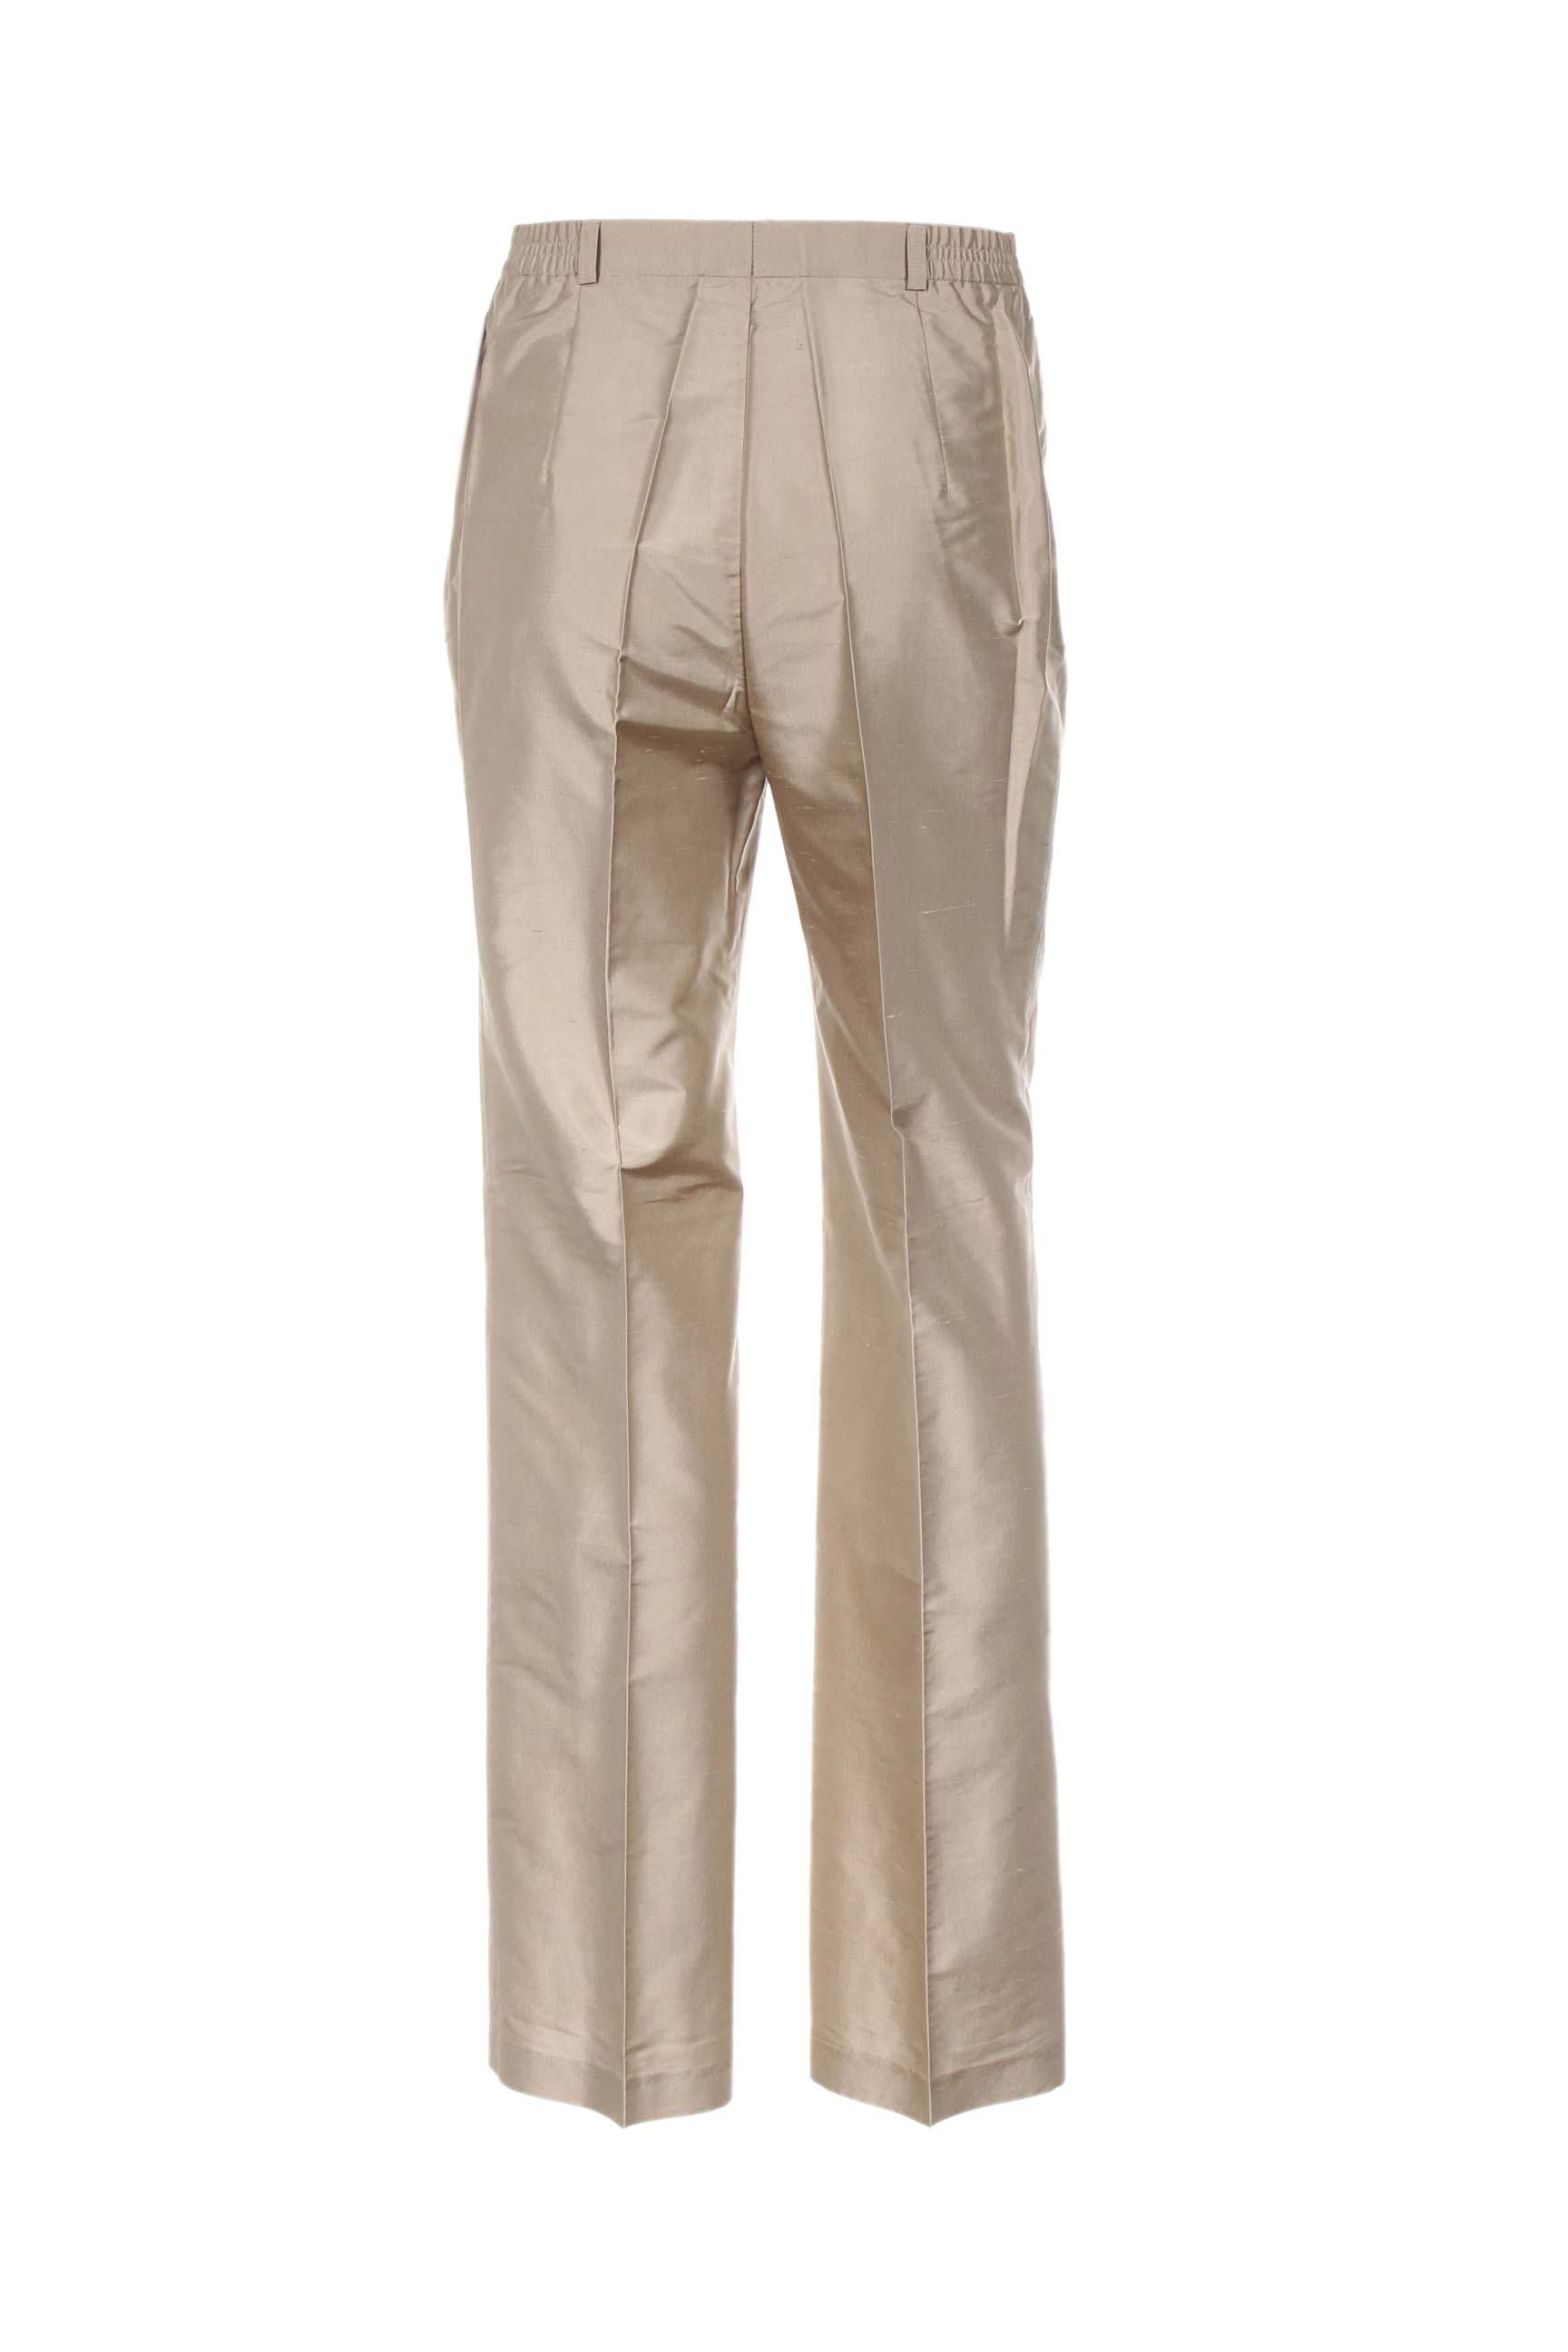 Basler Pantalons Citadins Femme De Couleur Beige En Soldes Pas Cher 1124563-beige0